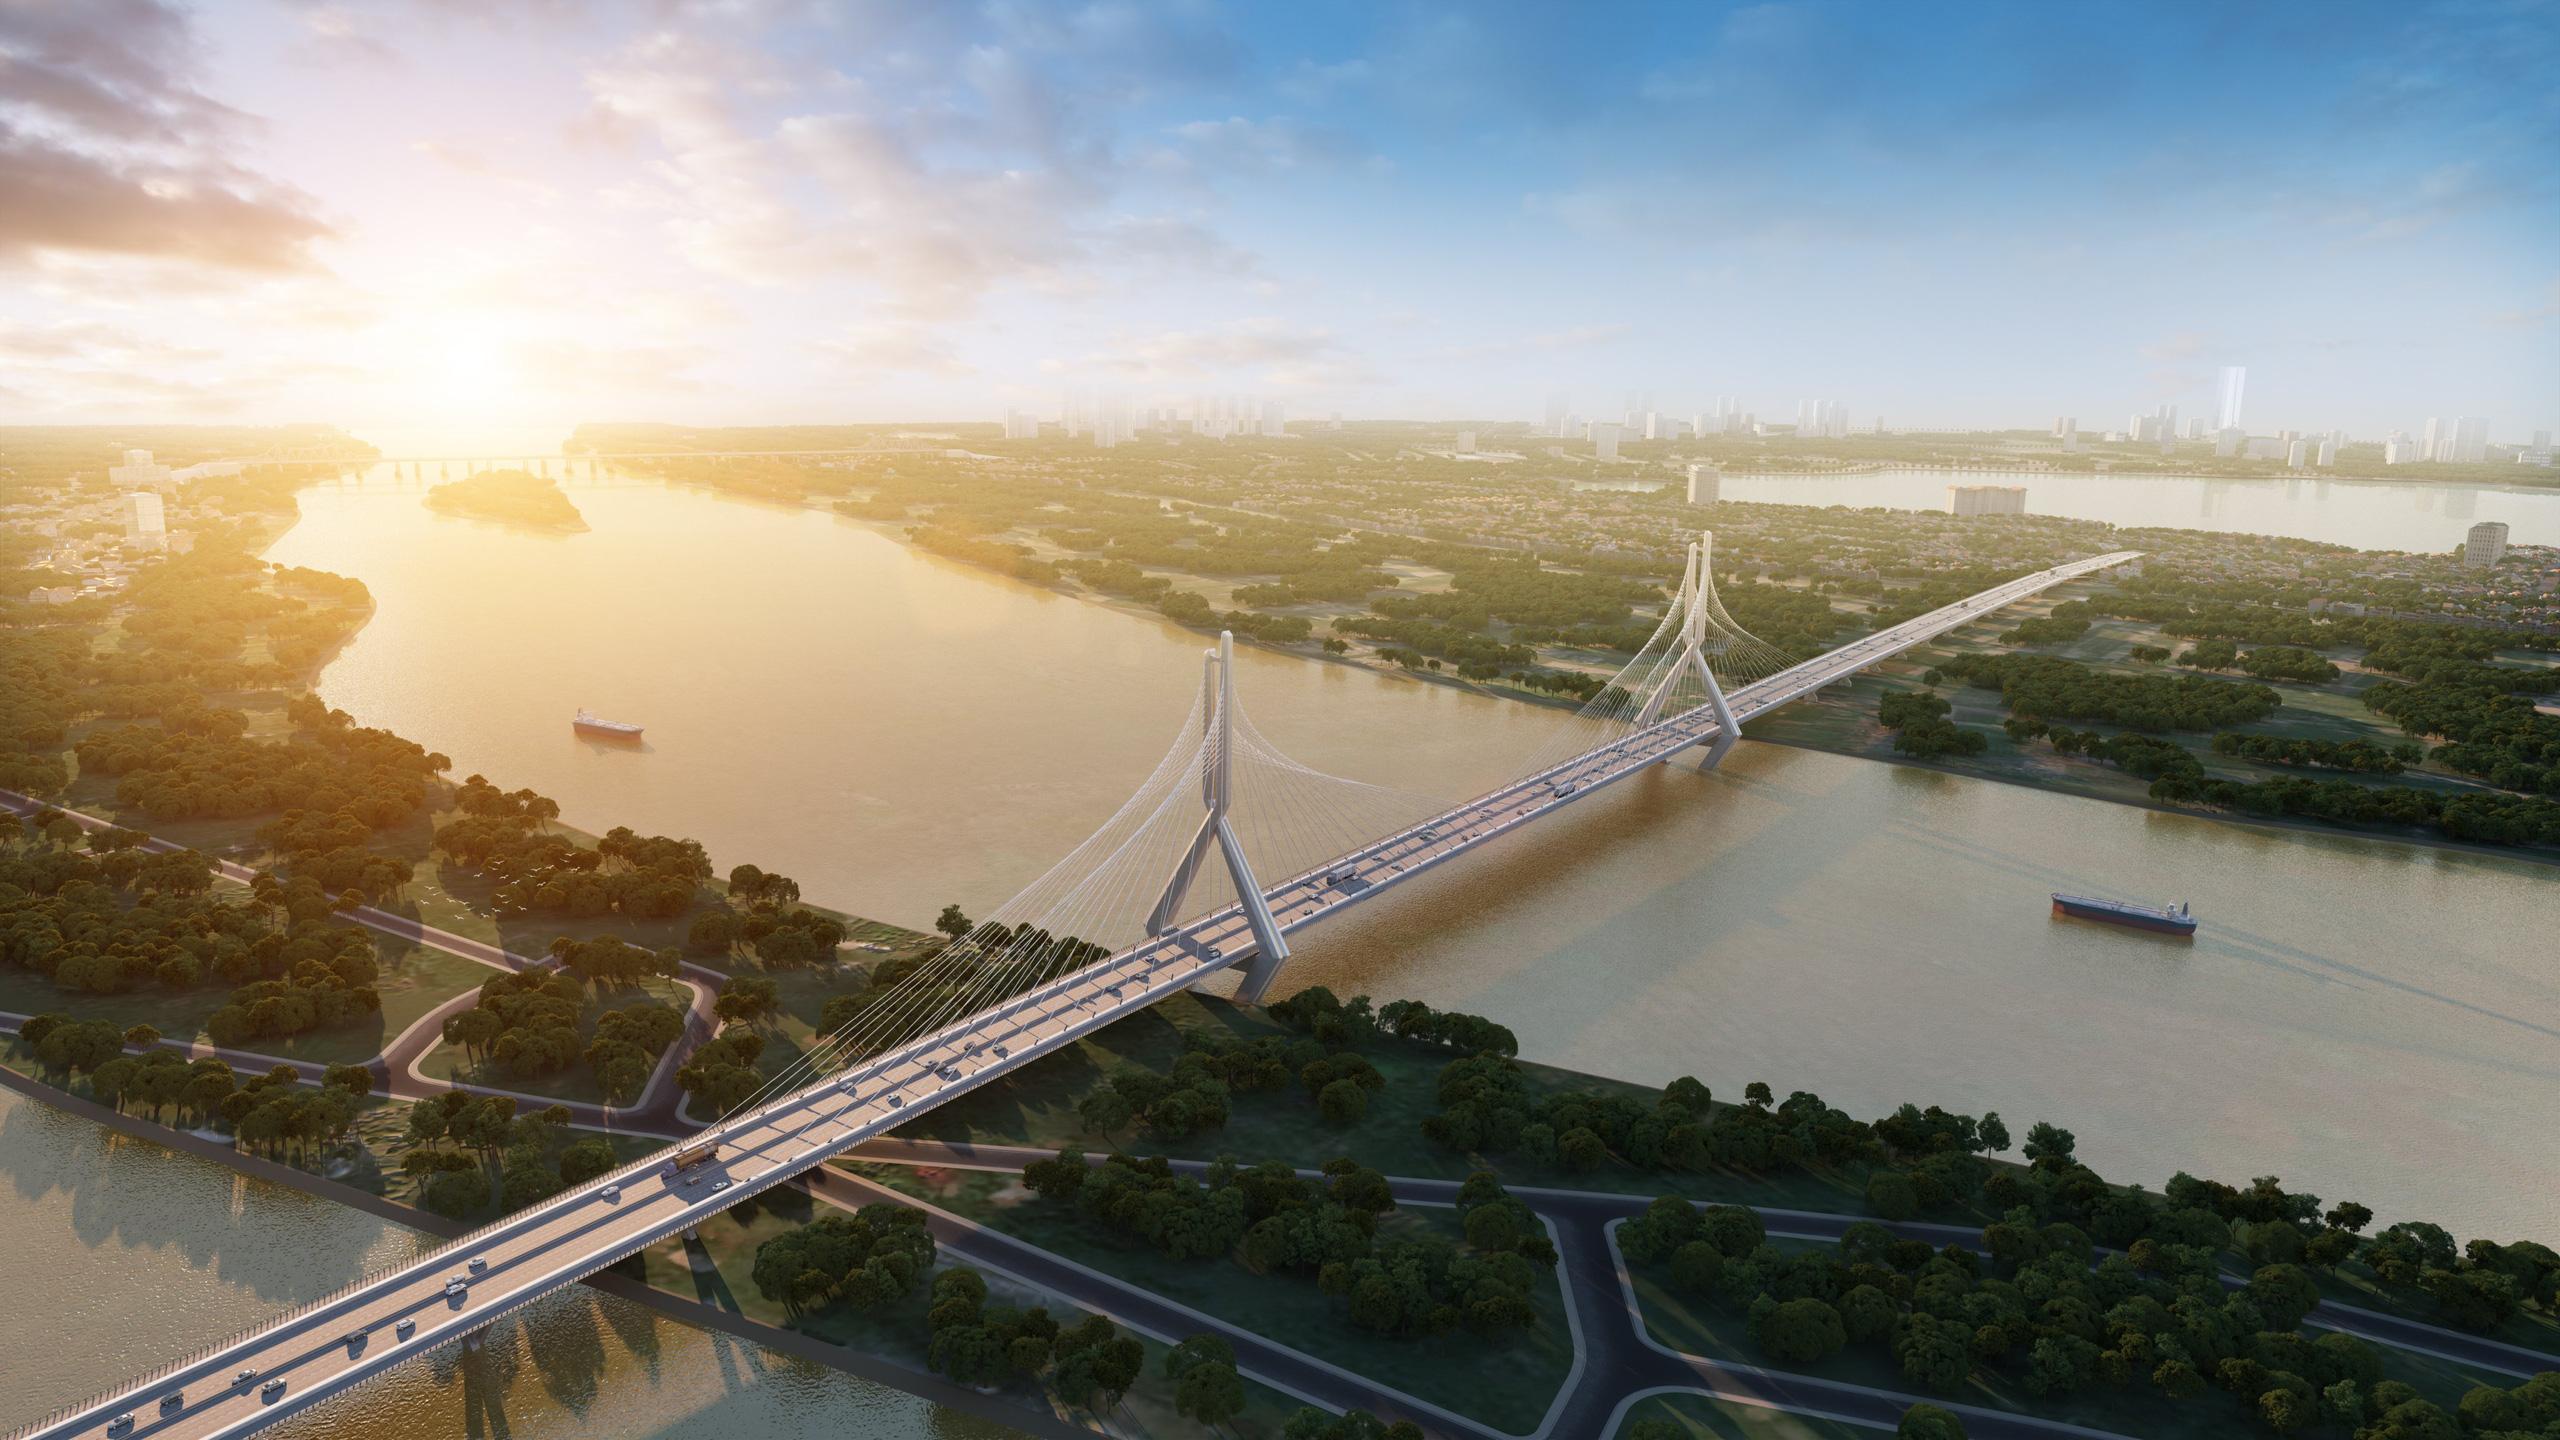 5 huyện sắp lên quận ở Hà Nội hiện đang phát triển ra sao? - Ảnh 6.